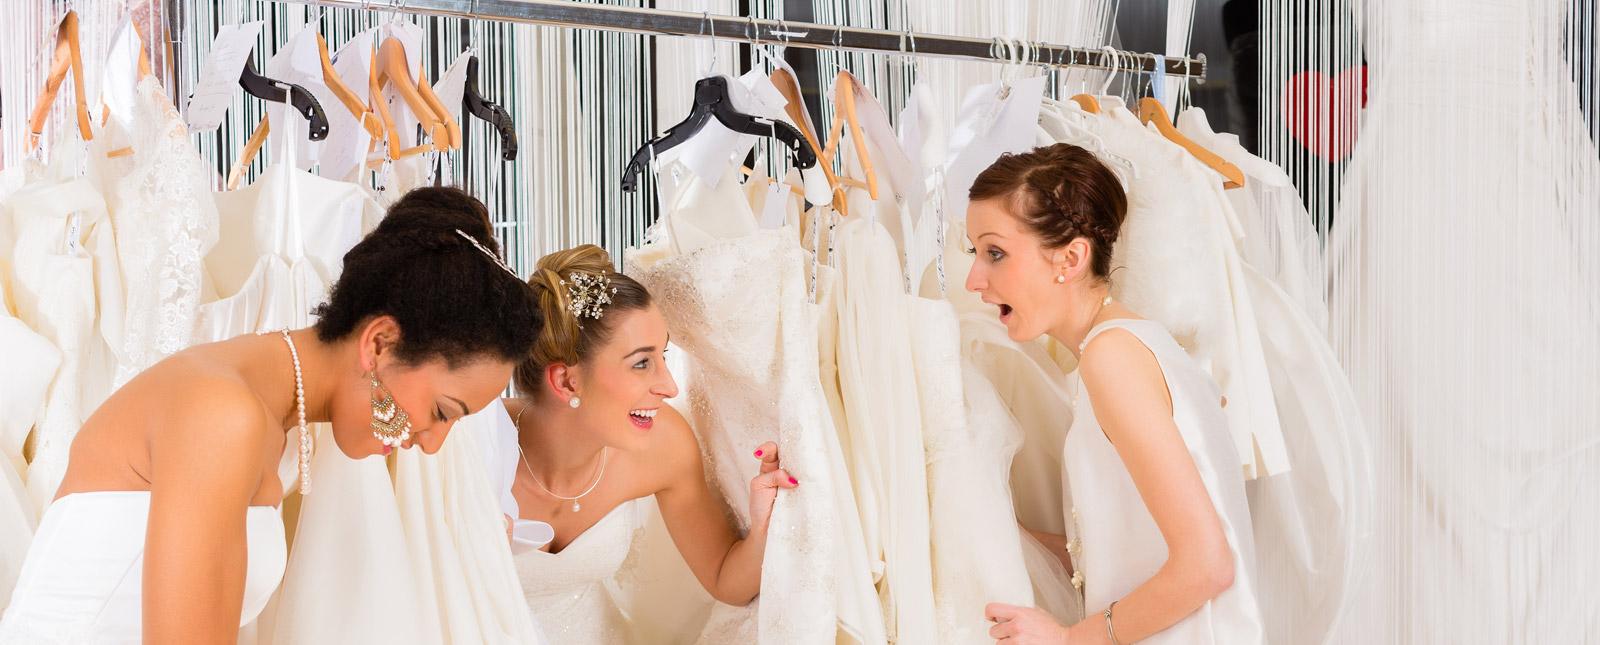 Brautkleid Mallorca - Heiraten auf Mallorca